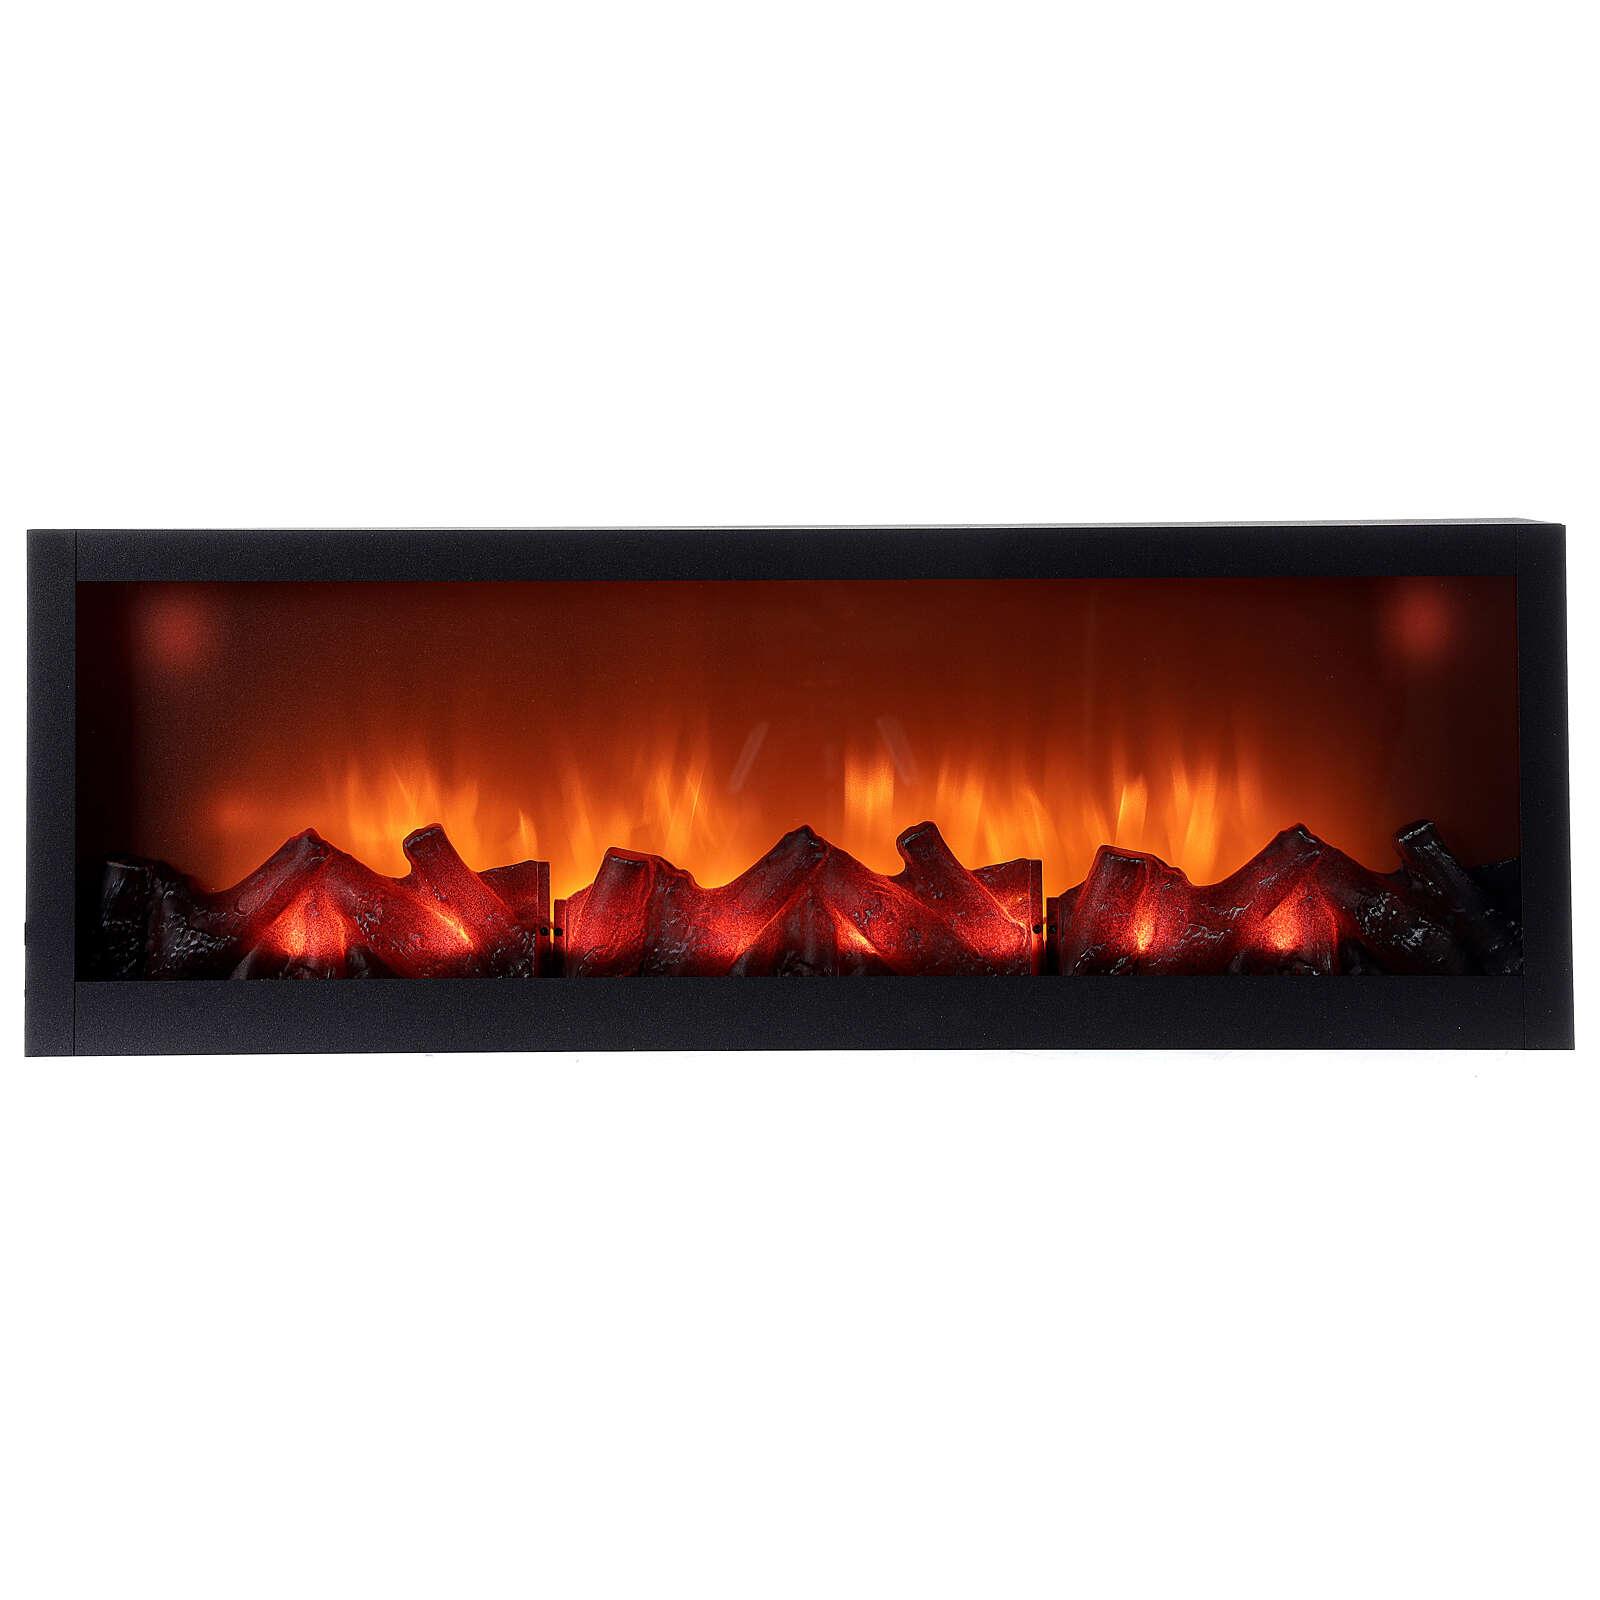 Lareira decorativa retangular com luz LED efeito chama 20x80x10 cm cm 3